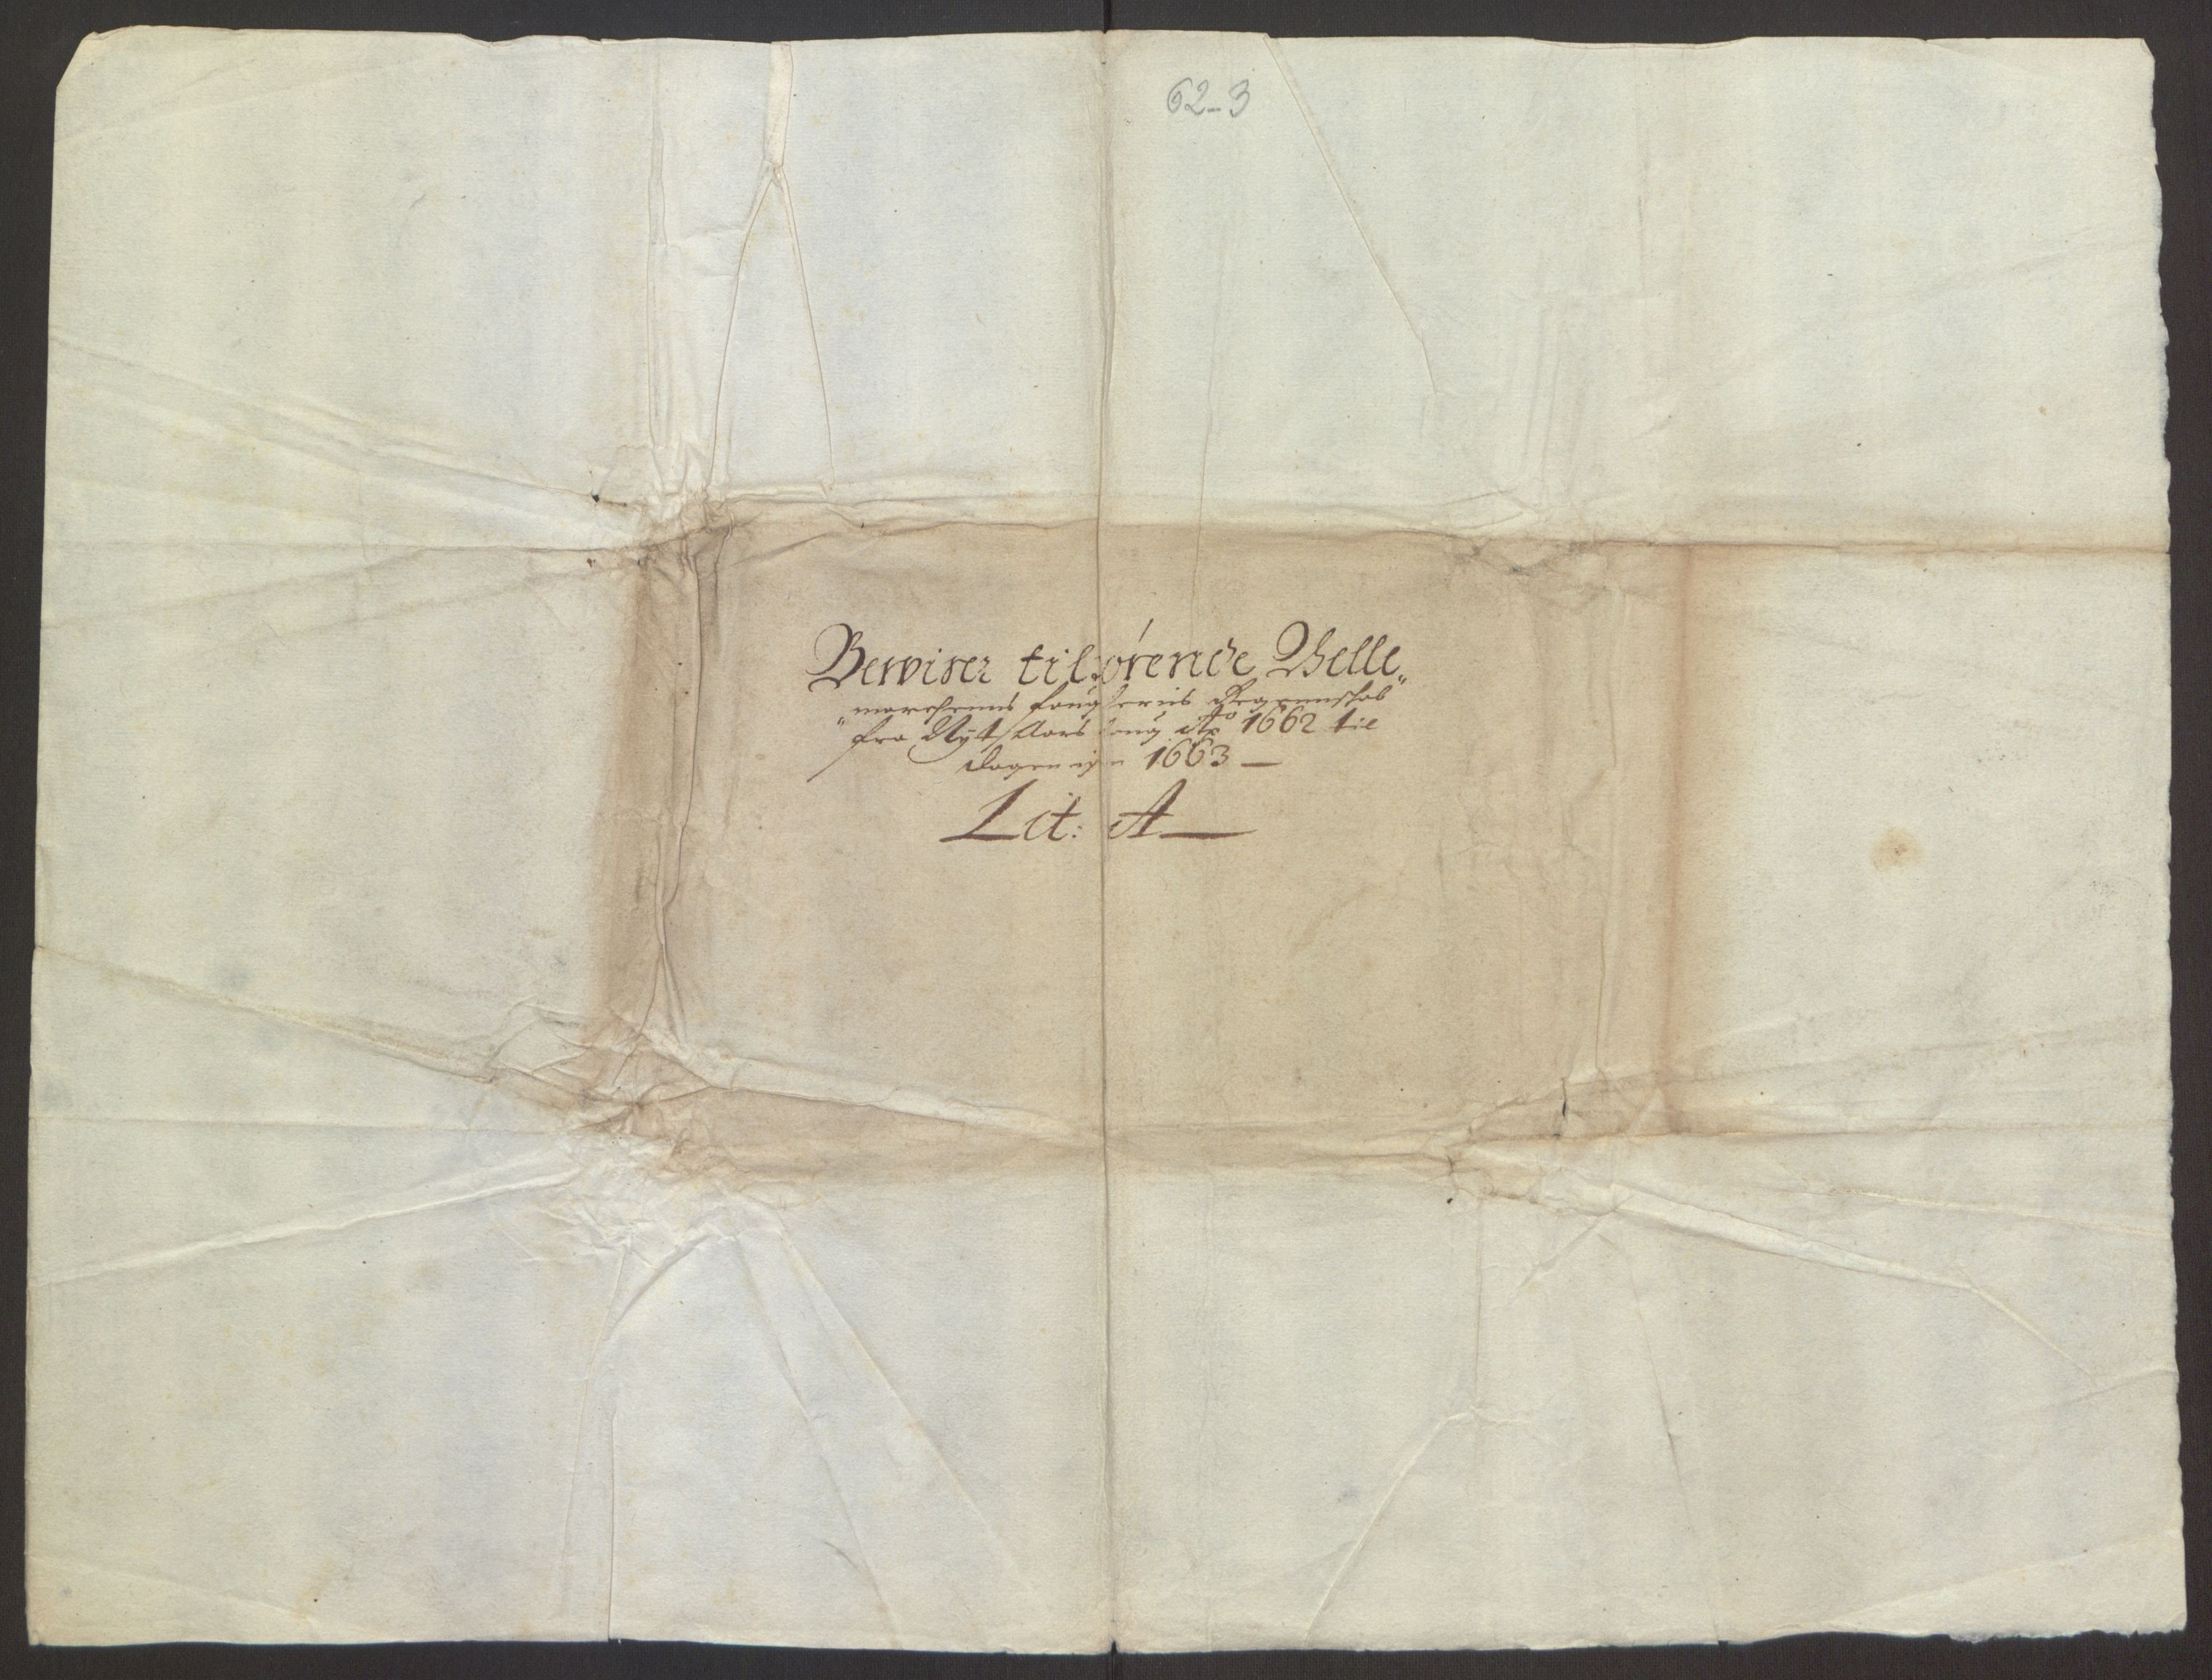 RA, Rentekammeret inntil 1814, Reviderte regnskaper, Fogderegnskap, R35/L2054: Fogderegnskap Øvre og Nedre Telemark, 1662-1663, s. 241